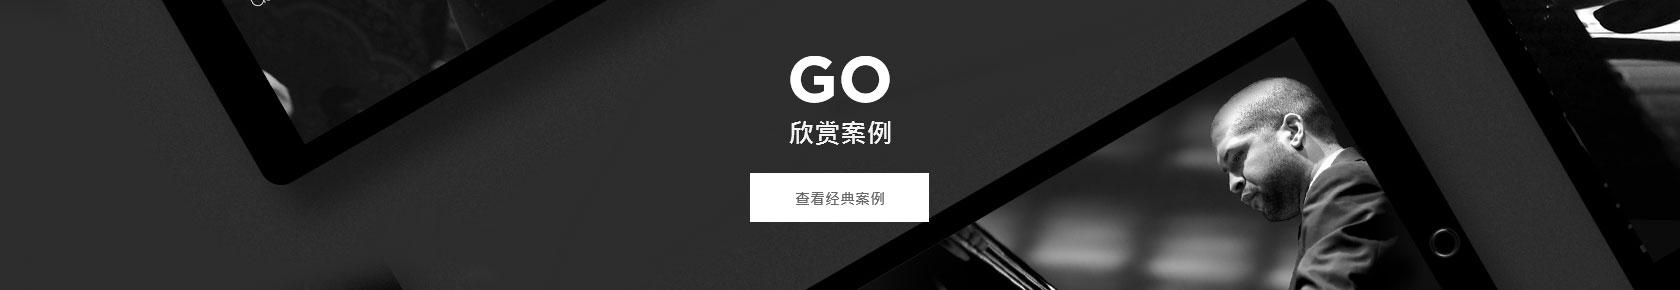 广州网站设计公司